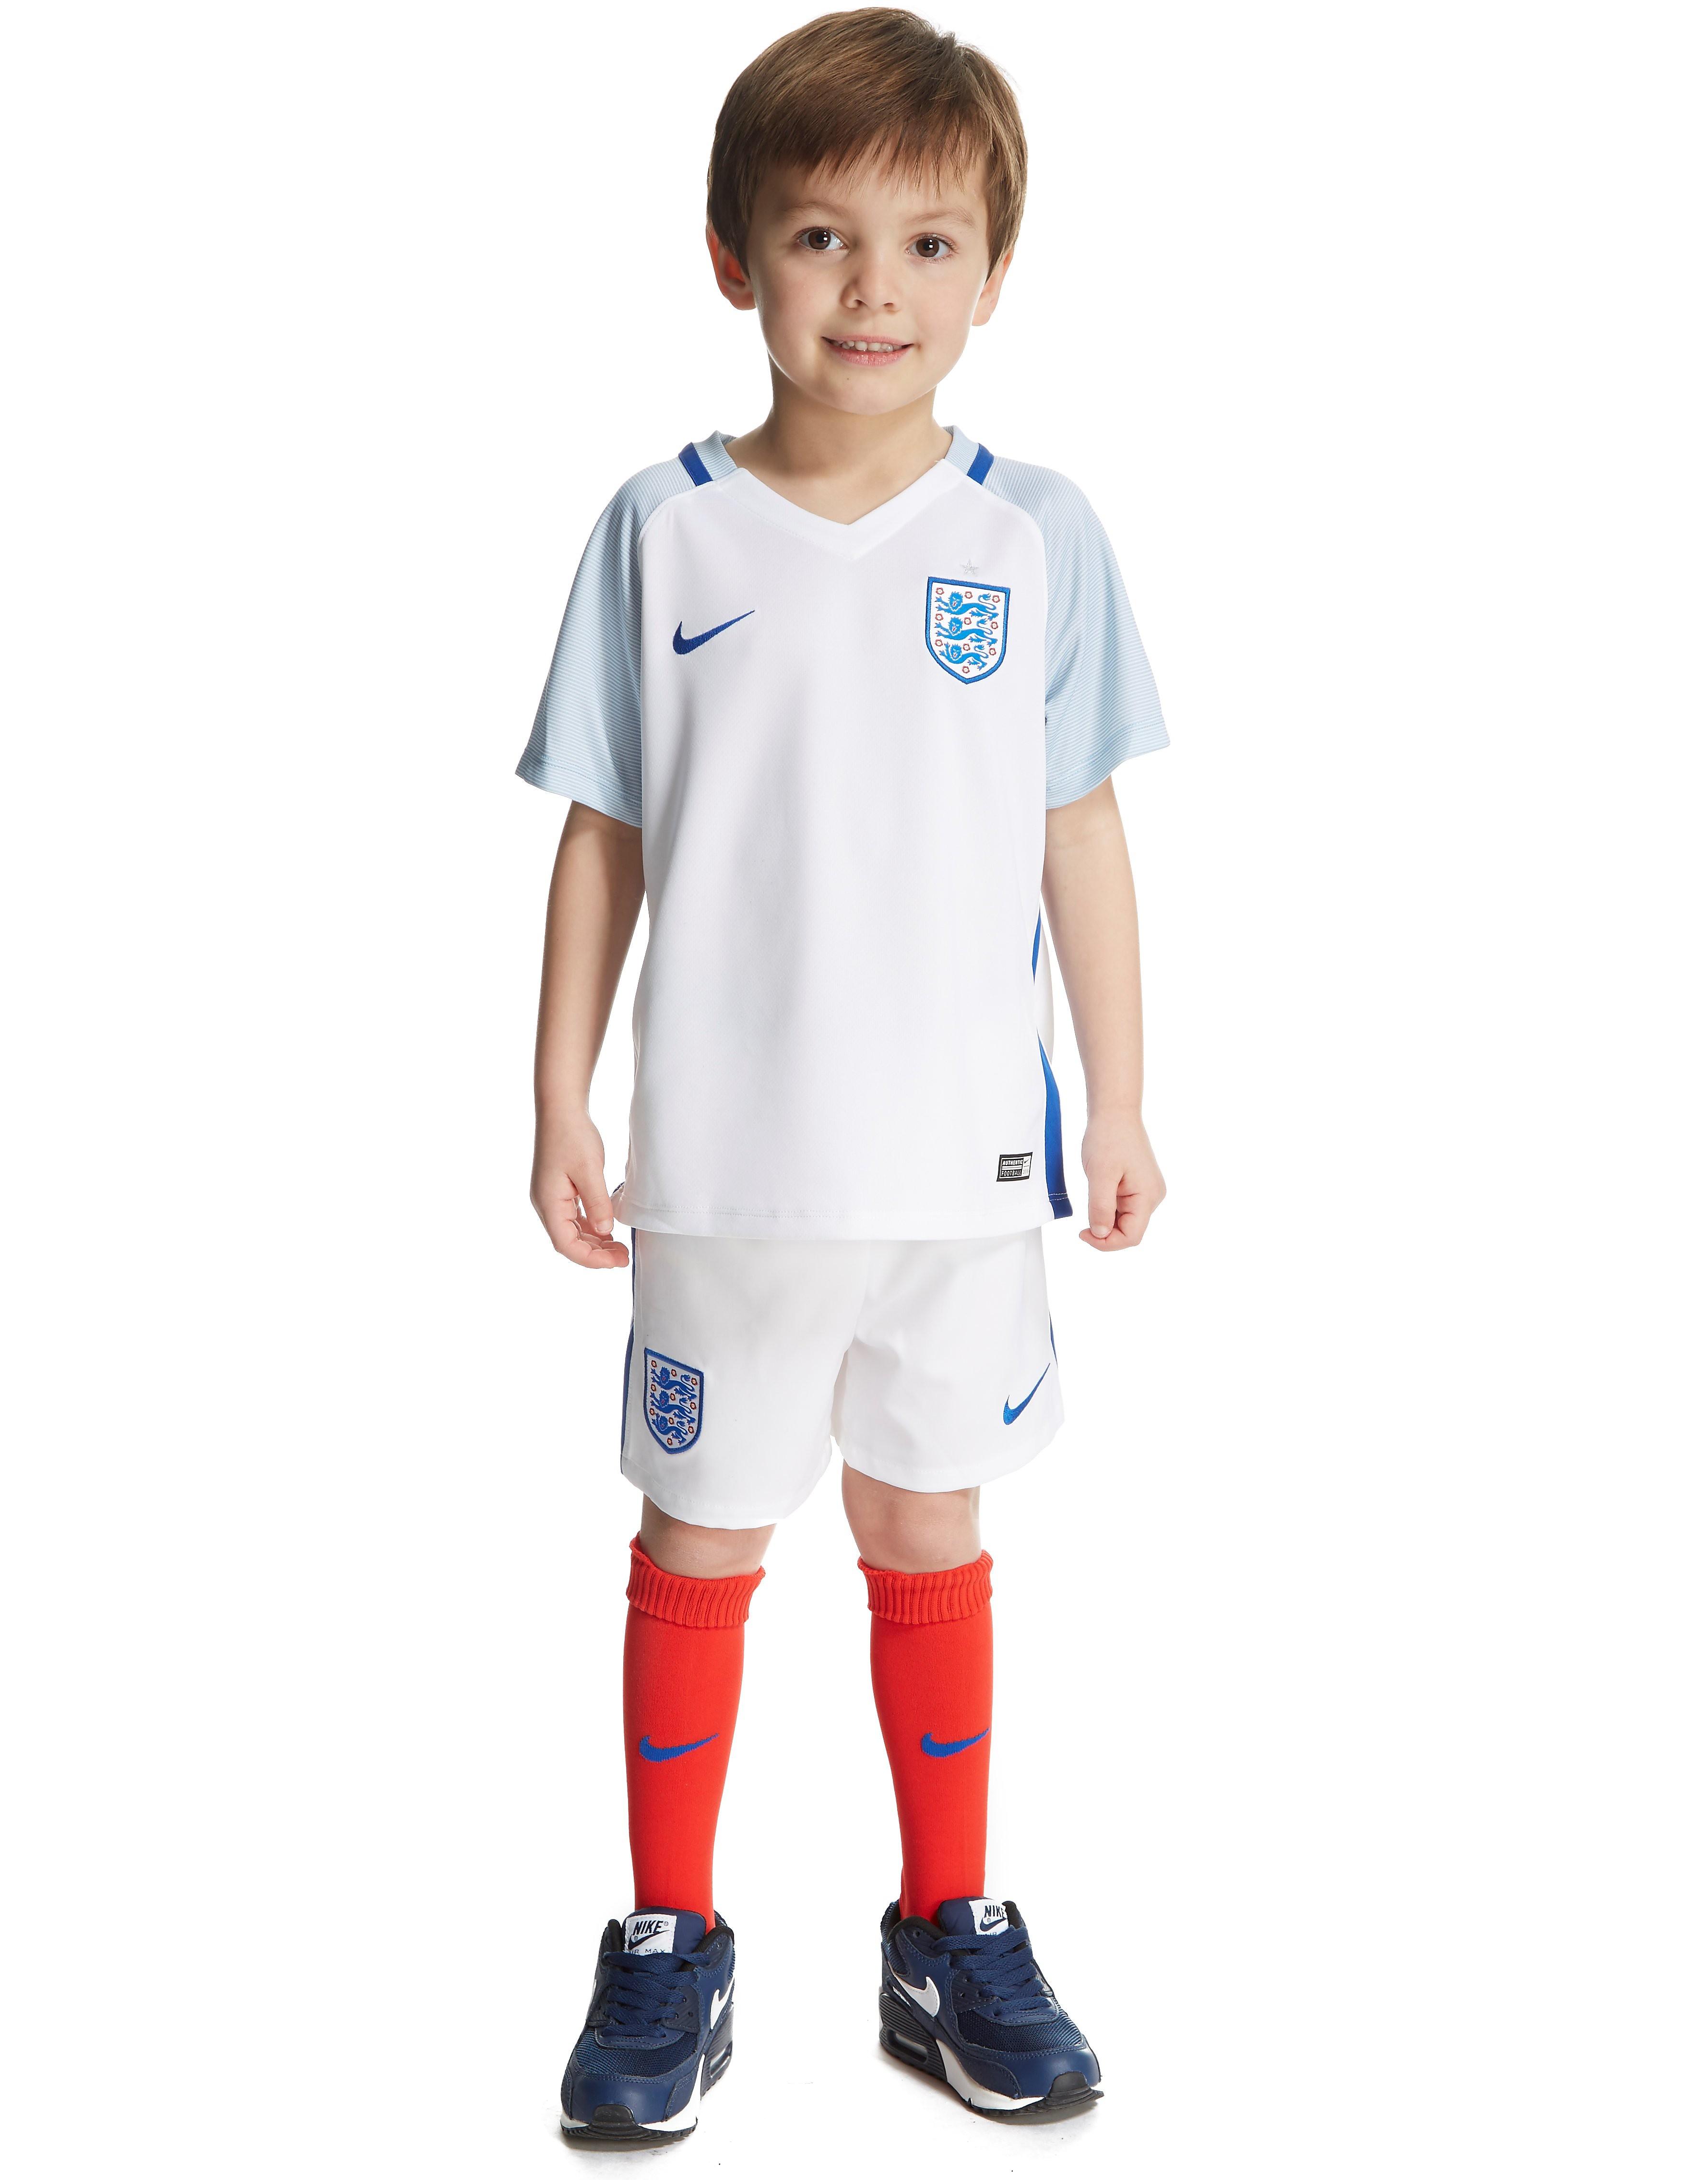 Nike England 2016 Home Kit Children